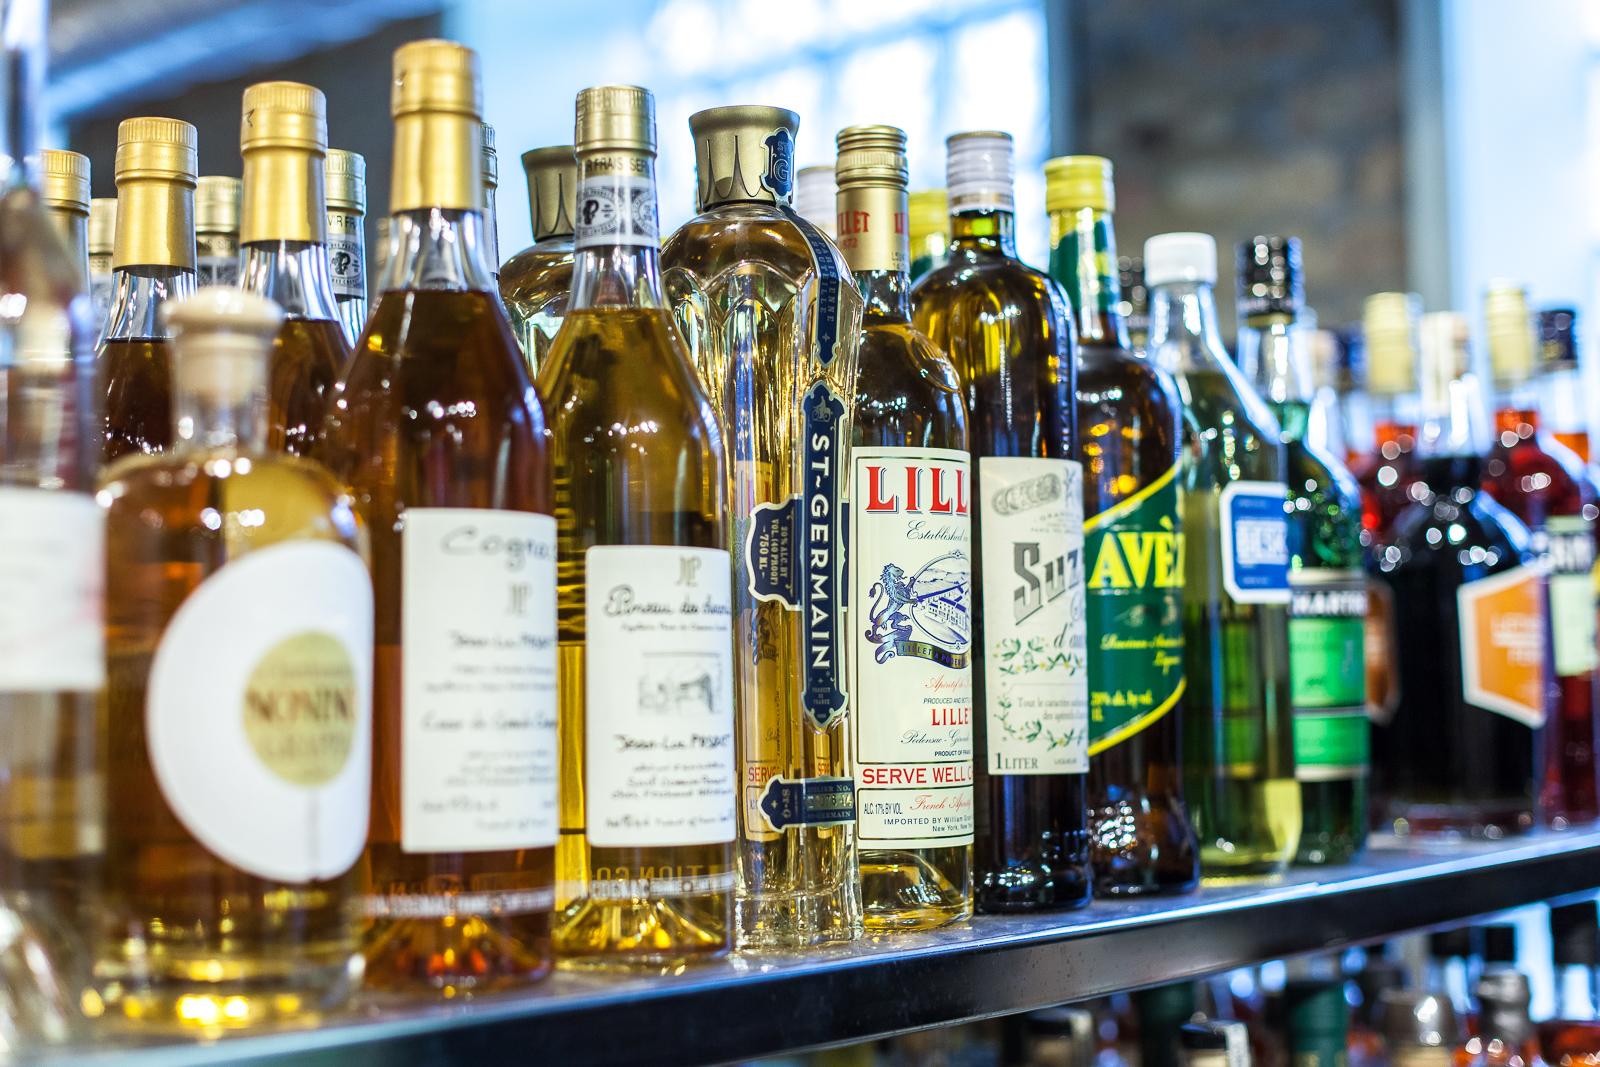 Olivias_Homepage_Bottles